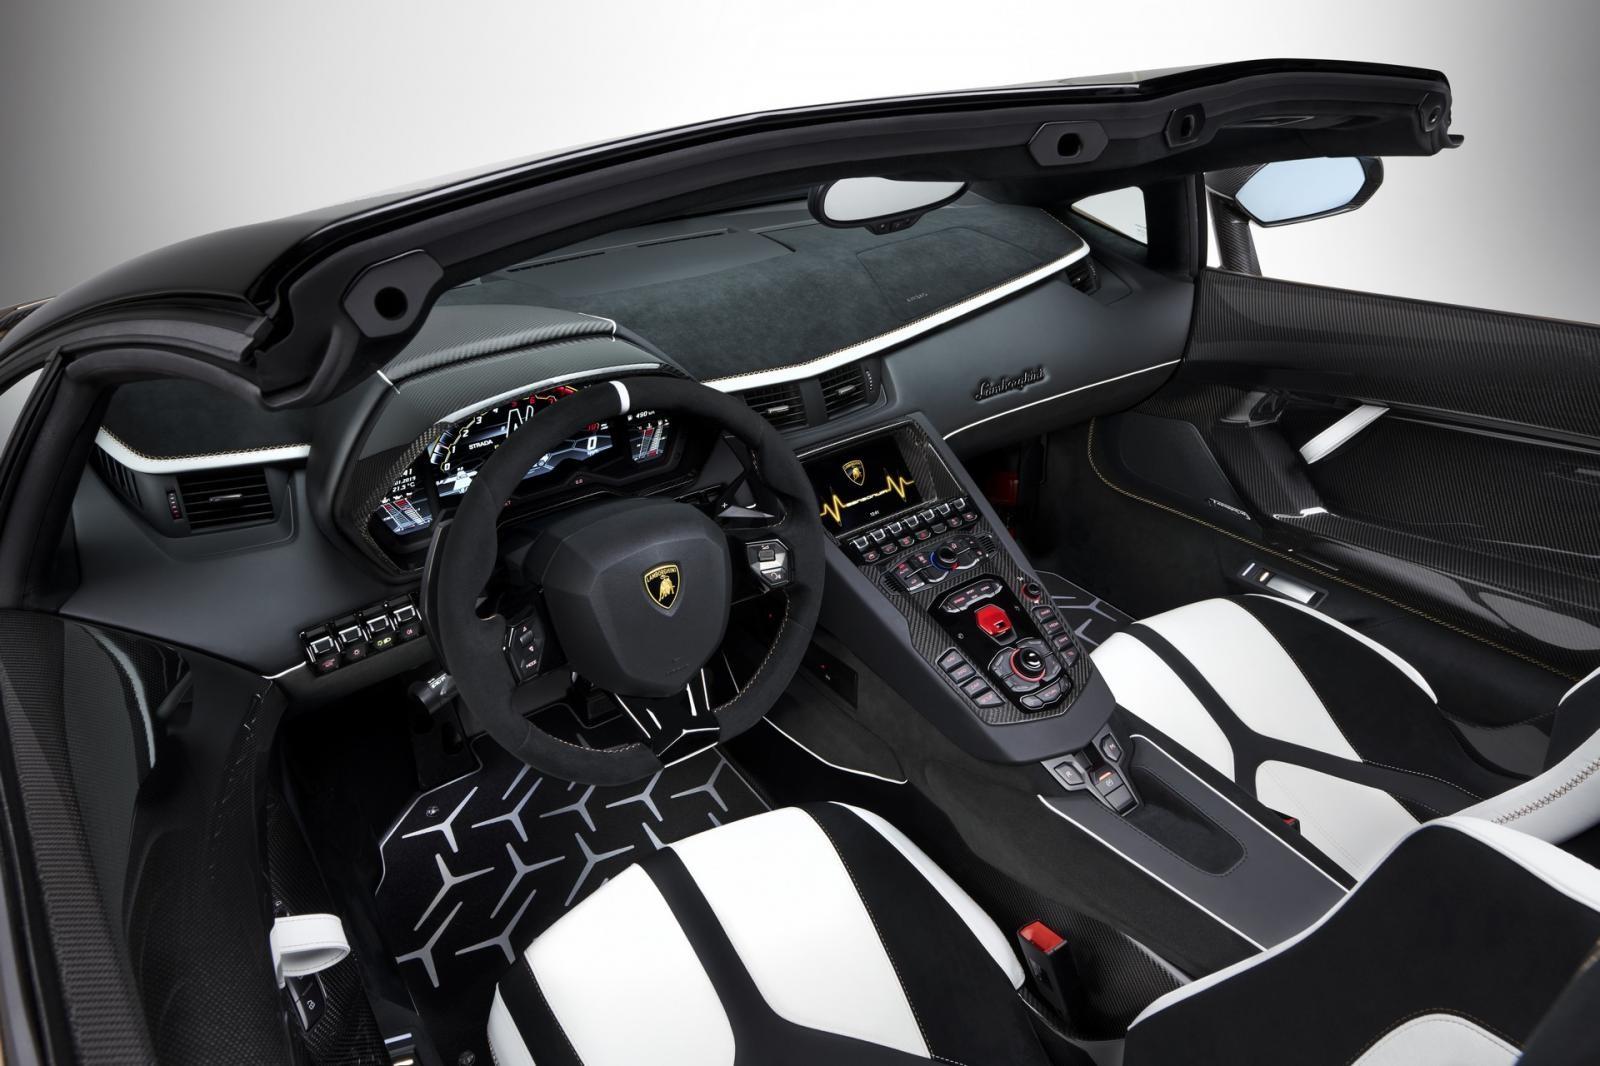 Khoang lái xe rất thể thao và có nhiều chi tiết bằng sợi carbon